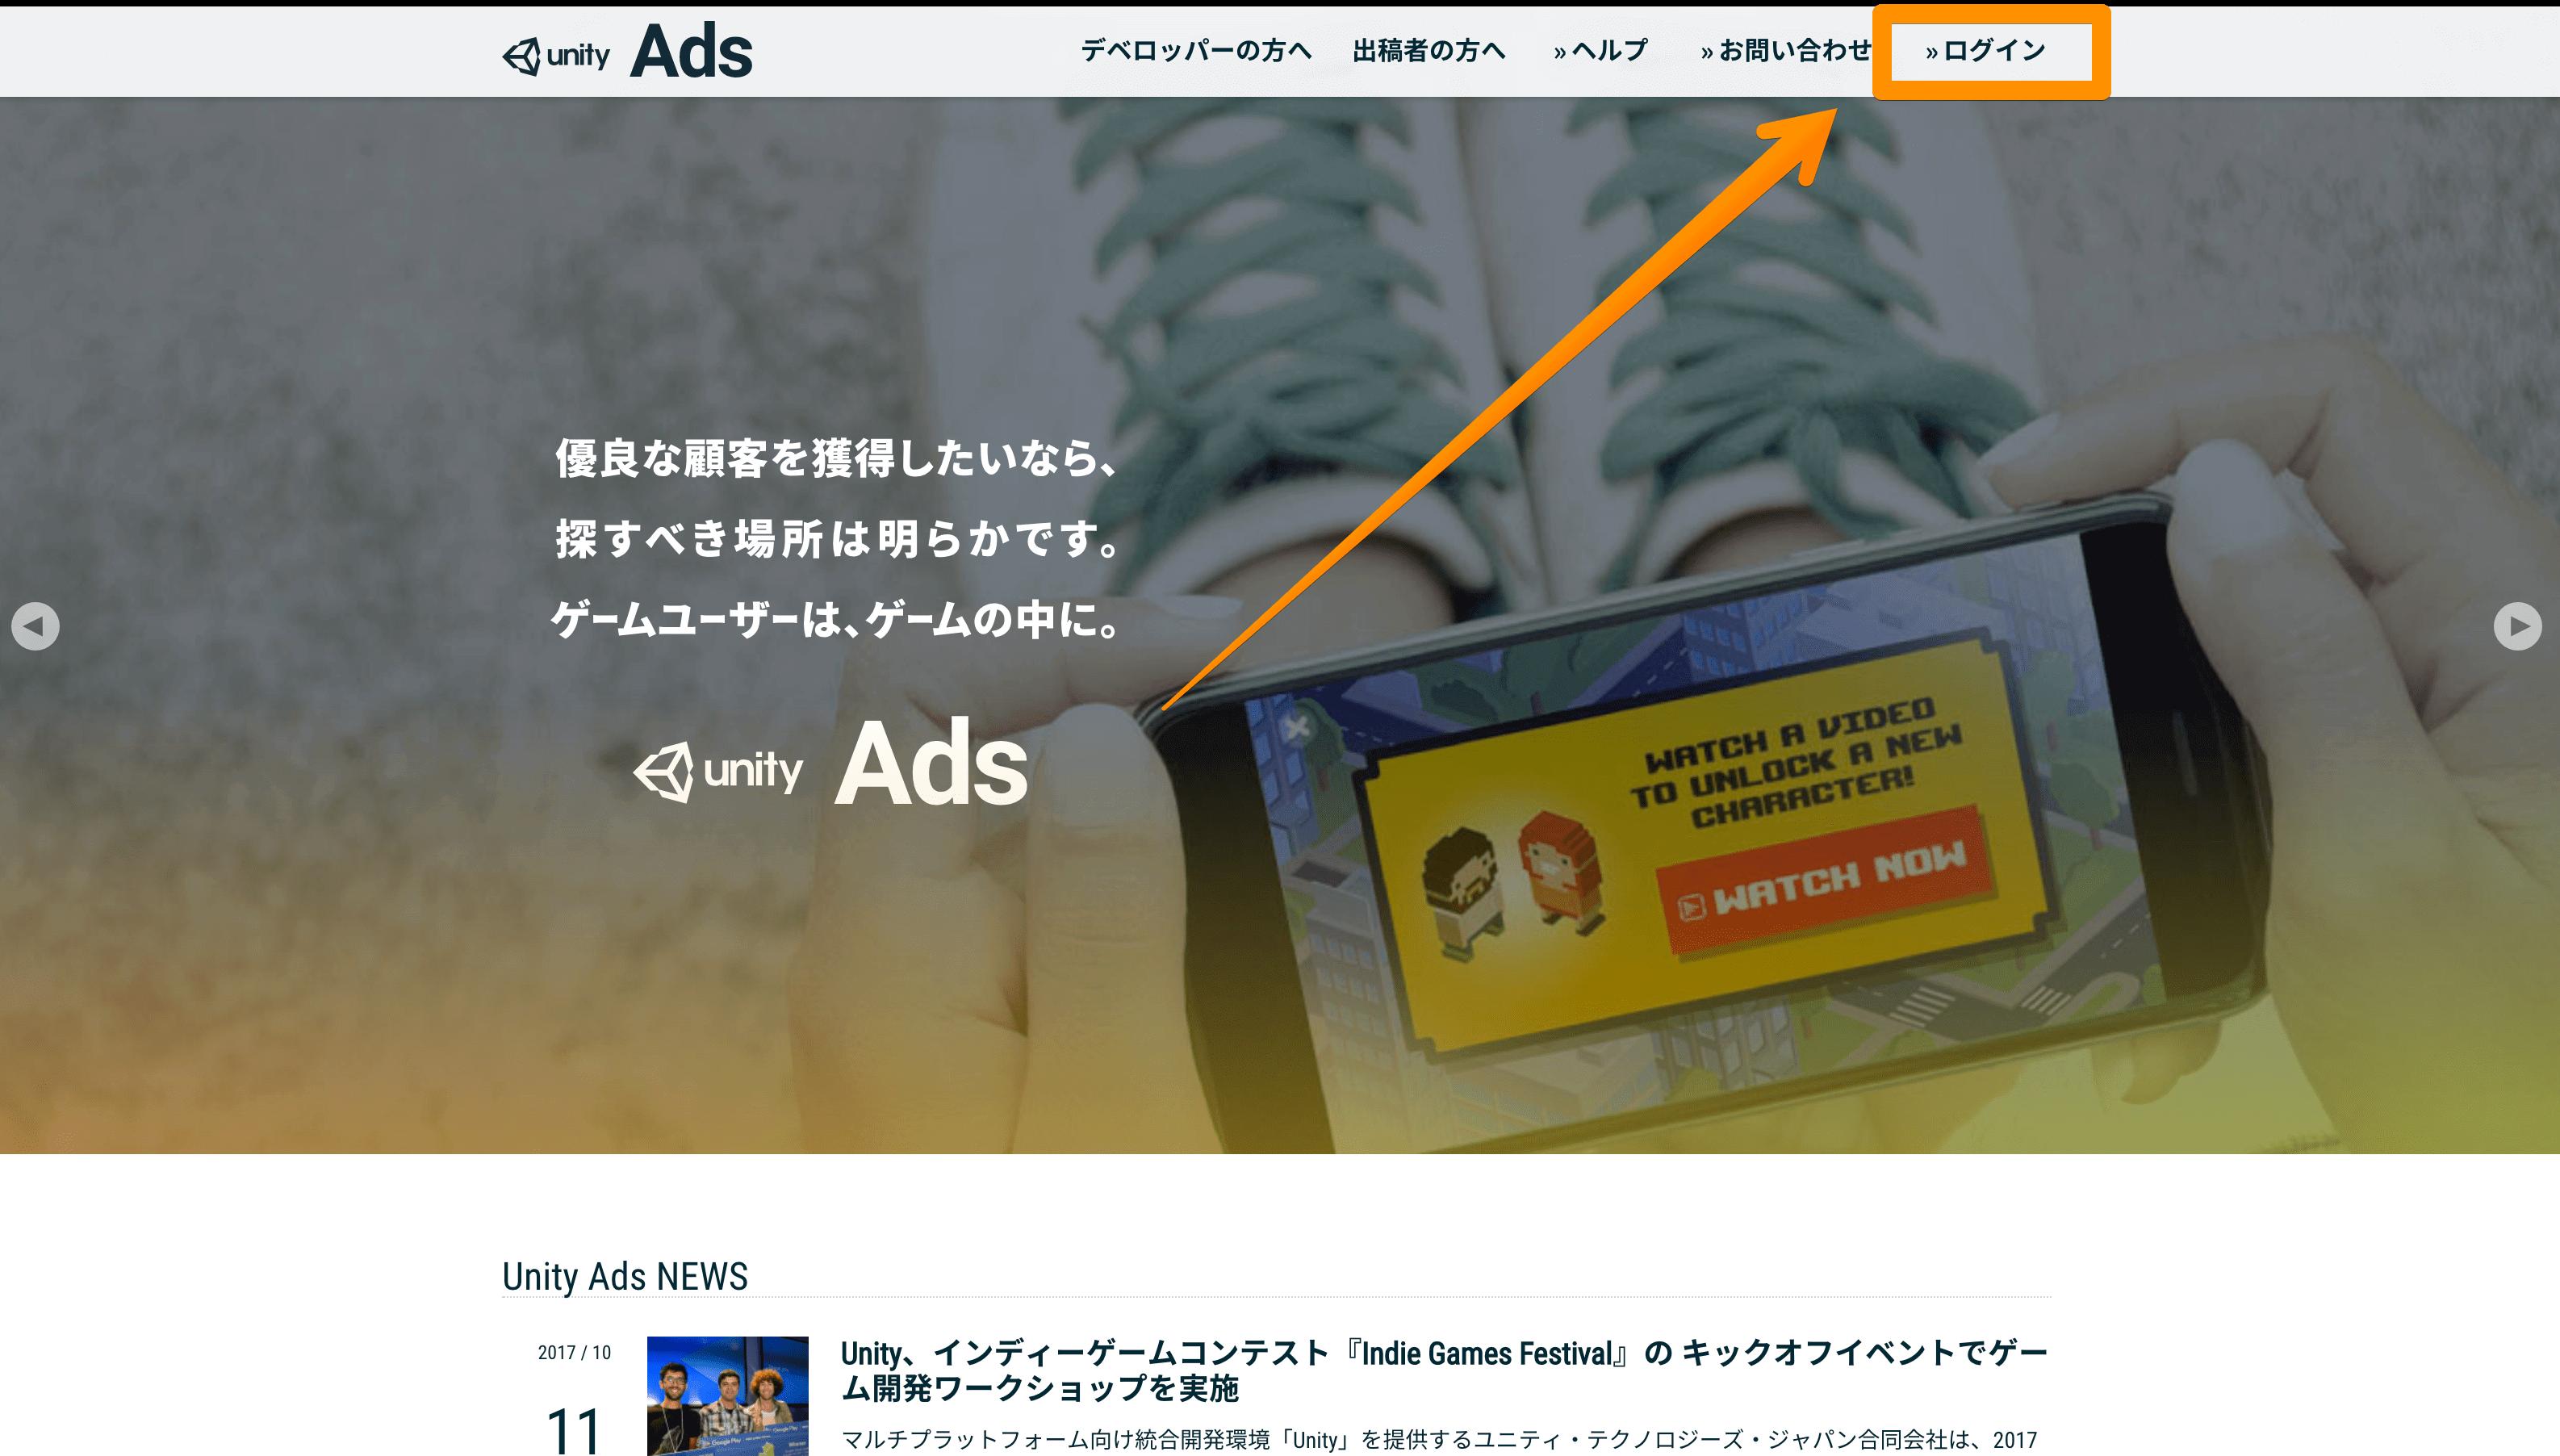 Unity Adsにログインする